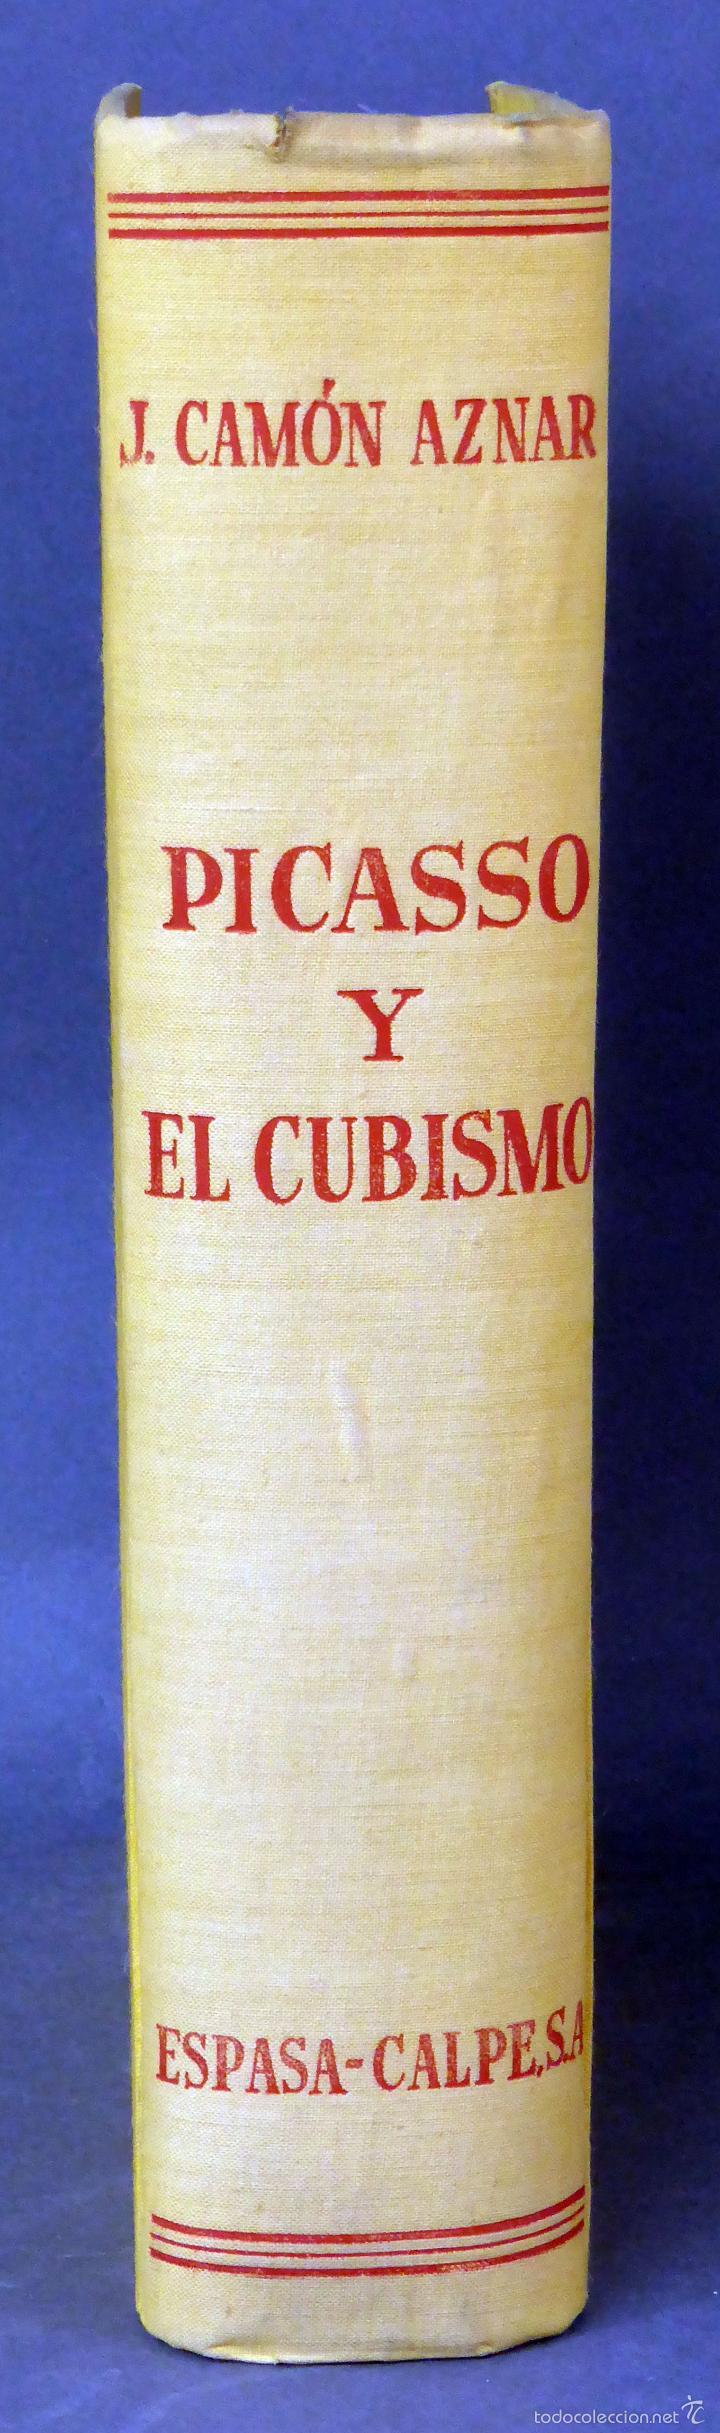 Libros de segunda mano: Picasso y el cubismo José Camón Aznar Espasa Calpe 1956 - Foto 2 - 58109944